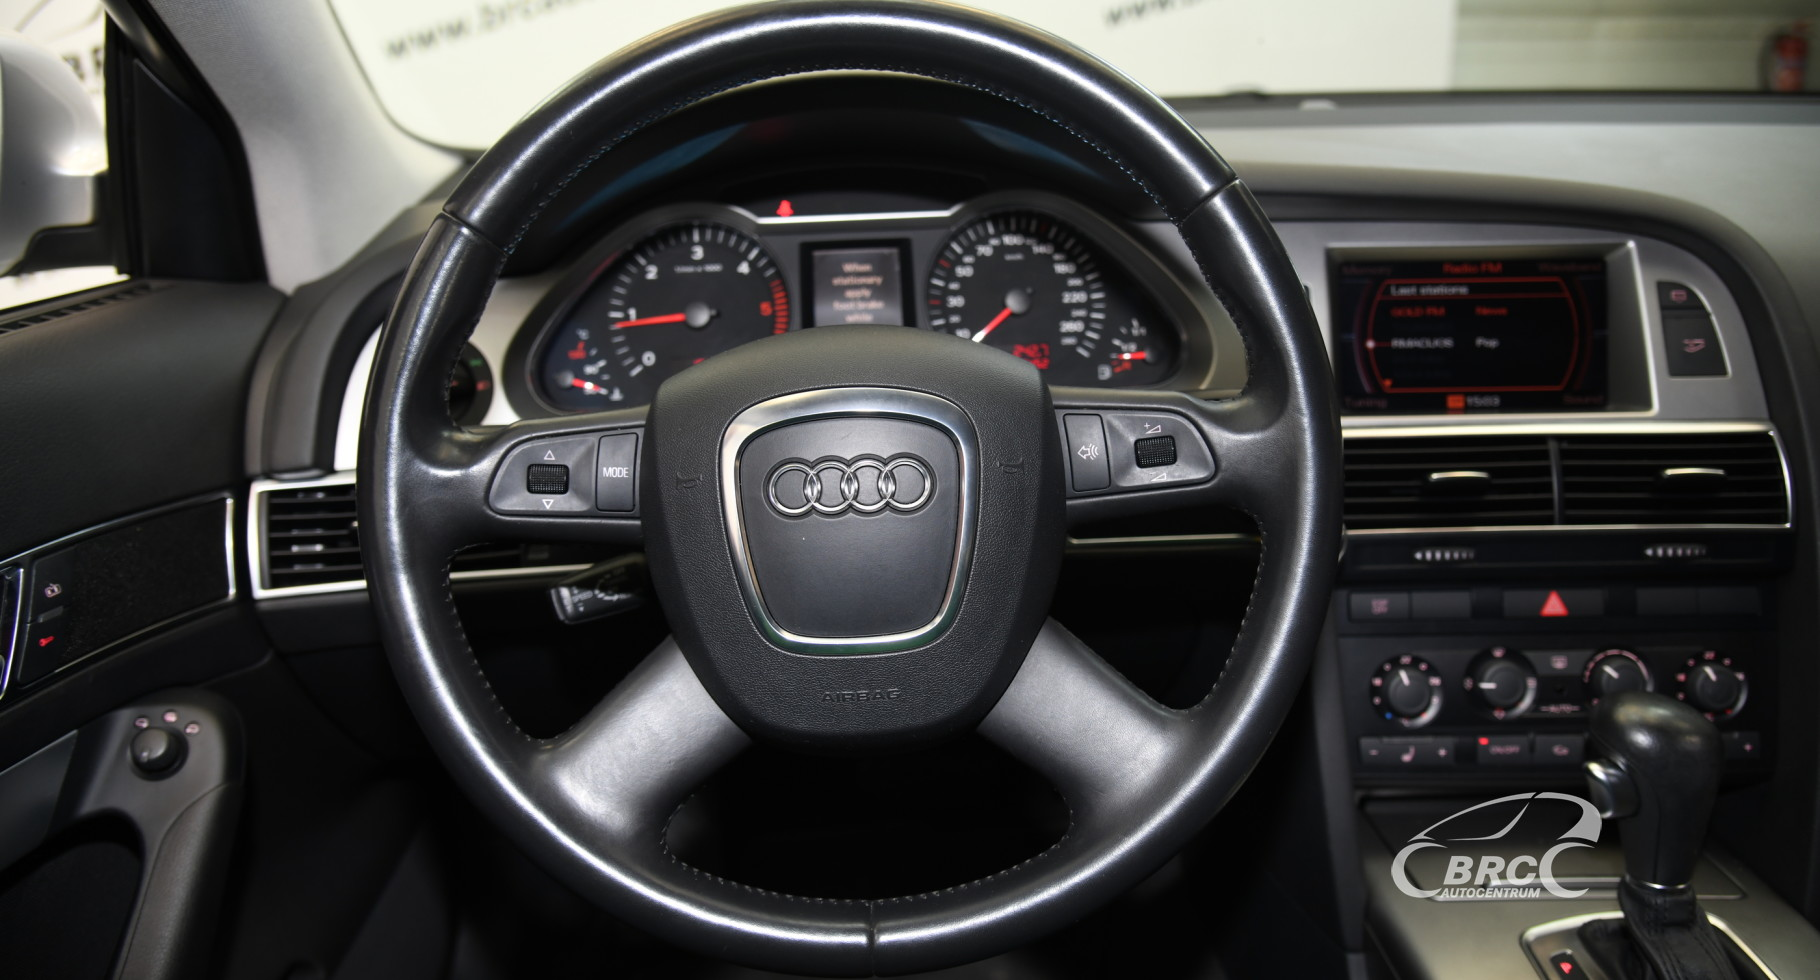 Audi A6 2.7 TDI Automatas